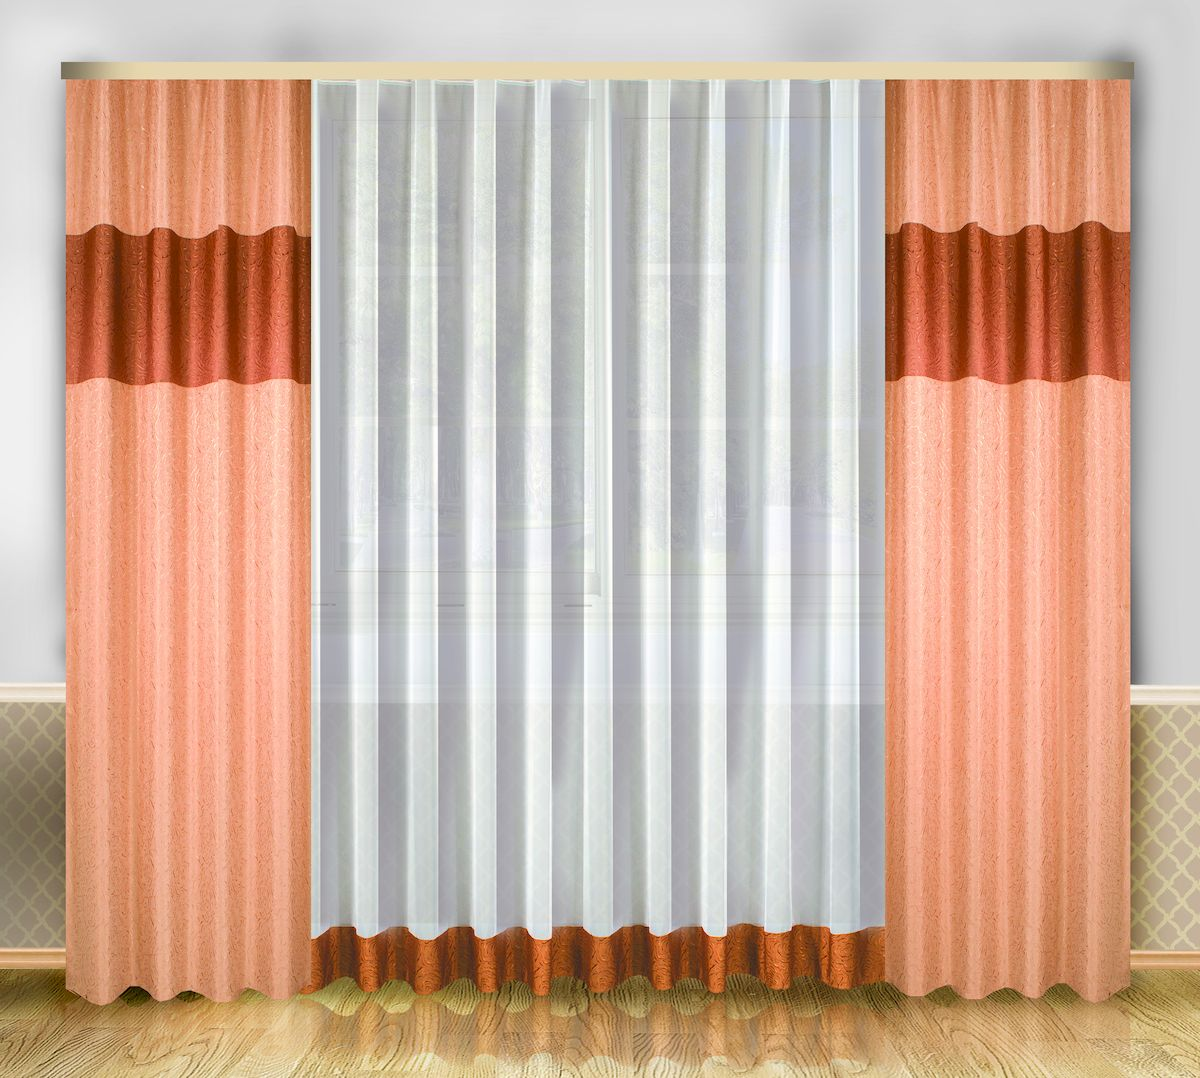 Комплект штор Zlata Korunka, на ленте, цвет: персиковый, высота 250 см. 6661966619Роскошный комплект штор Zlata Korunka, выполненный из полиэстера, великолепно украсит любое окно. Комплект состоит из тюля и двух штор. Изящный узор и приятная цветовая гамма привлекут к себе внимание и органично впишутся в интерьер помещения. Этот комплект будет долгое время радовать вас и вашу семью!Комплект крепится на карниз при помощи ленты, которая поможет красиво и равномерно задрапировать верх.В комплект входит: Тюль: 1 шт. Размер (Ш х В): 290 см х 250 см. Штора: 2 шт. Размер (Ш х В): 138 см х 250 см.